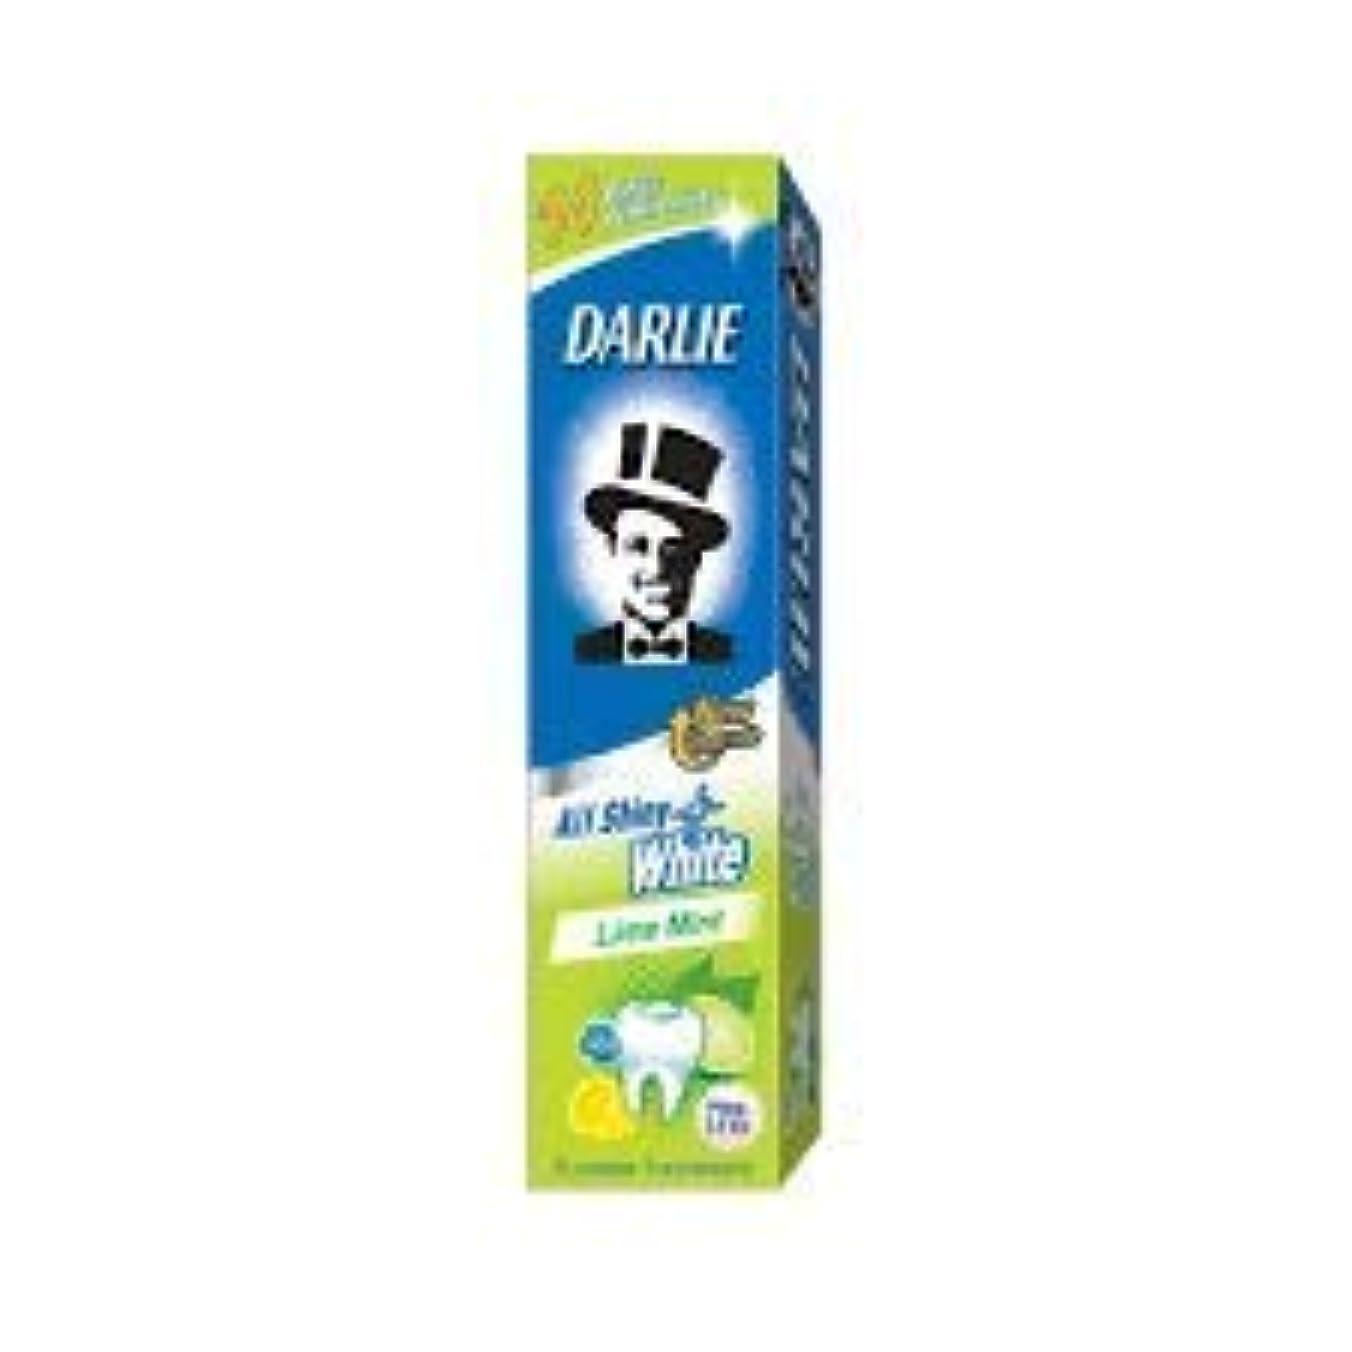 ノベルティプロット公式DARLIE 歯磨き粉すべての光沢のあるホワイトライムミント140g - 虫歯と戦い、歯を保護するフッ化物を含みます